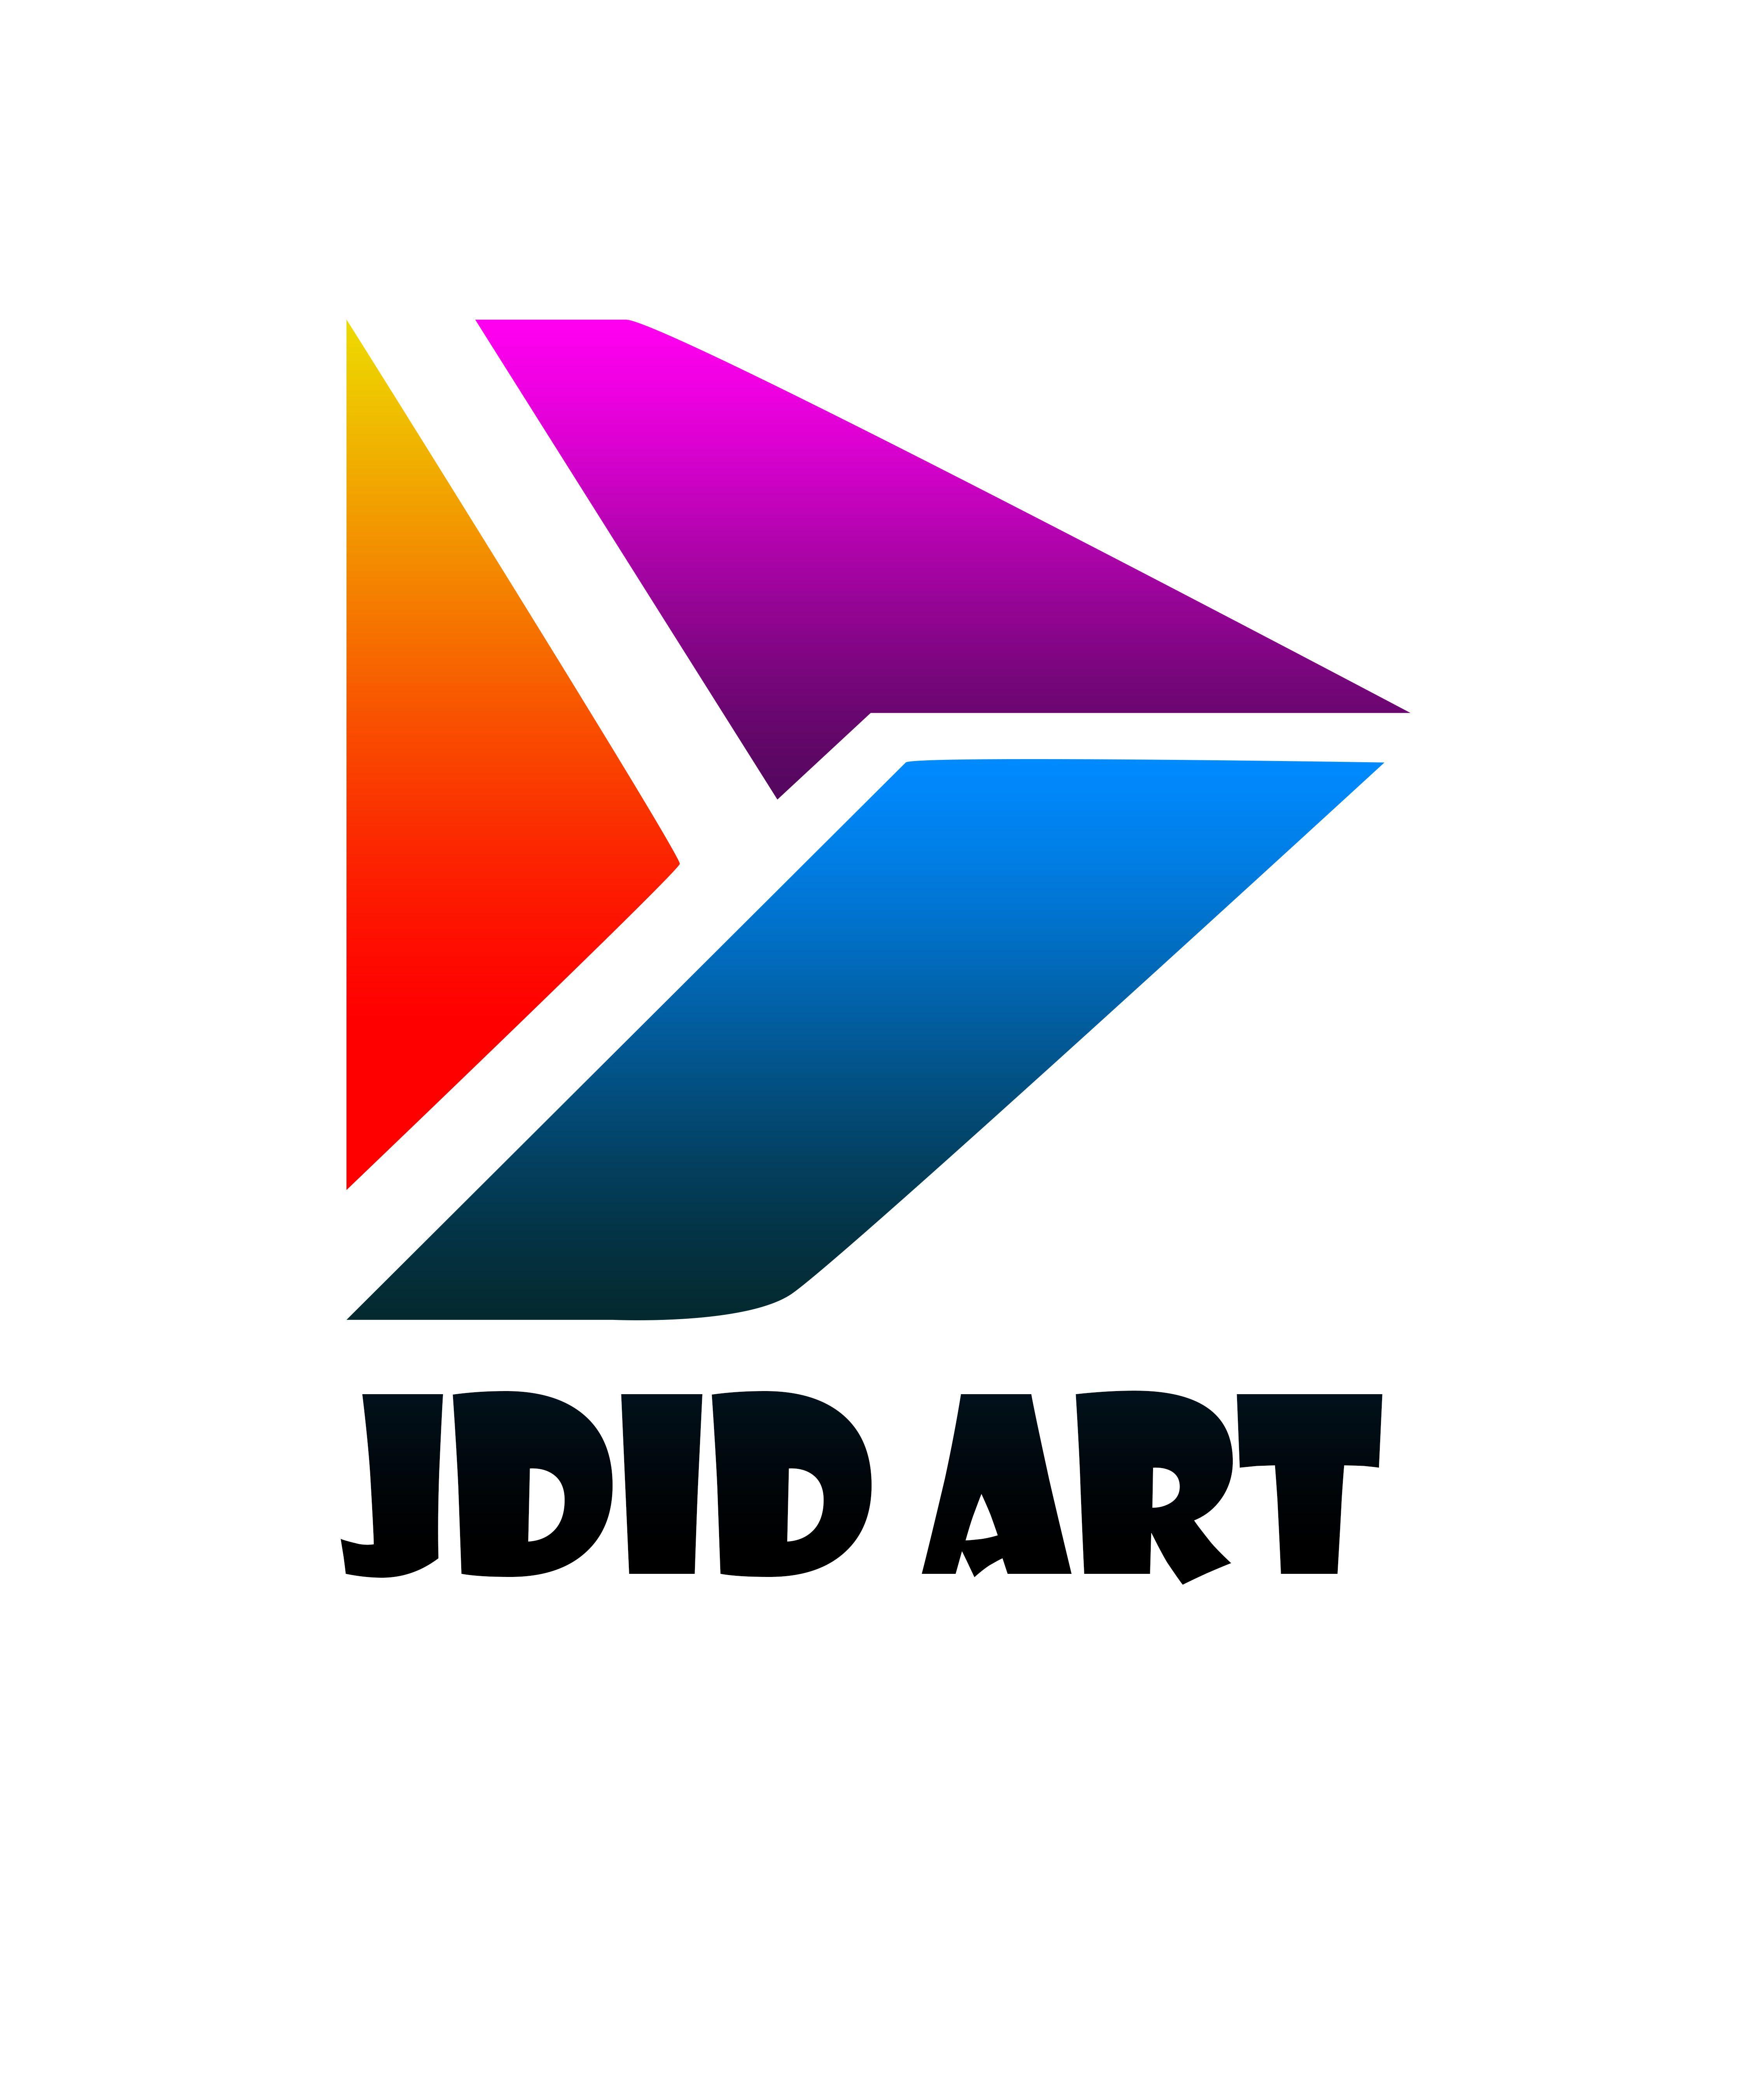 تصميم شعار بالفوتوشوب والرسم Art Letters Symbols